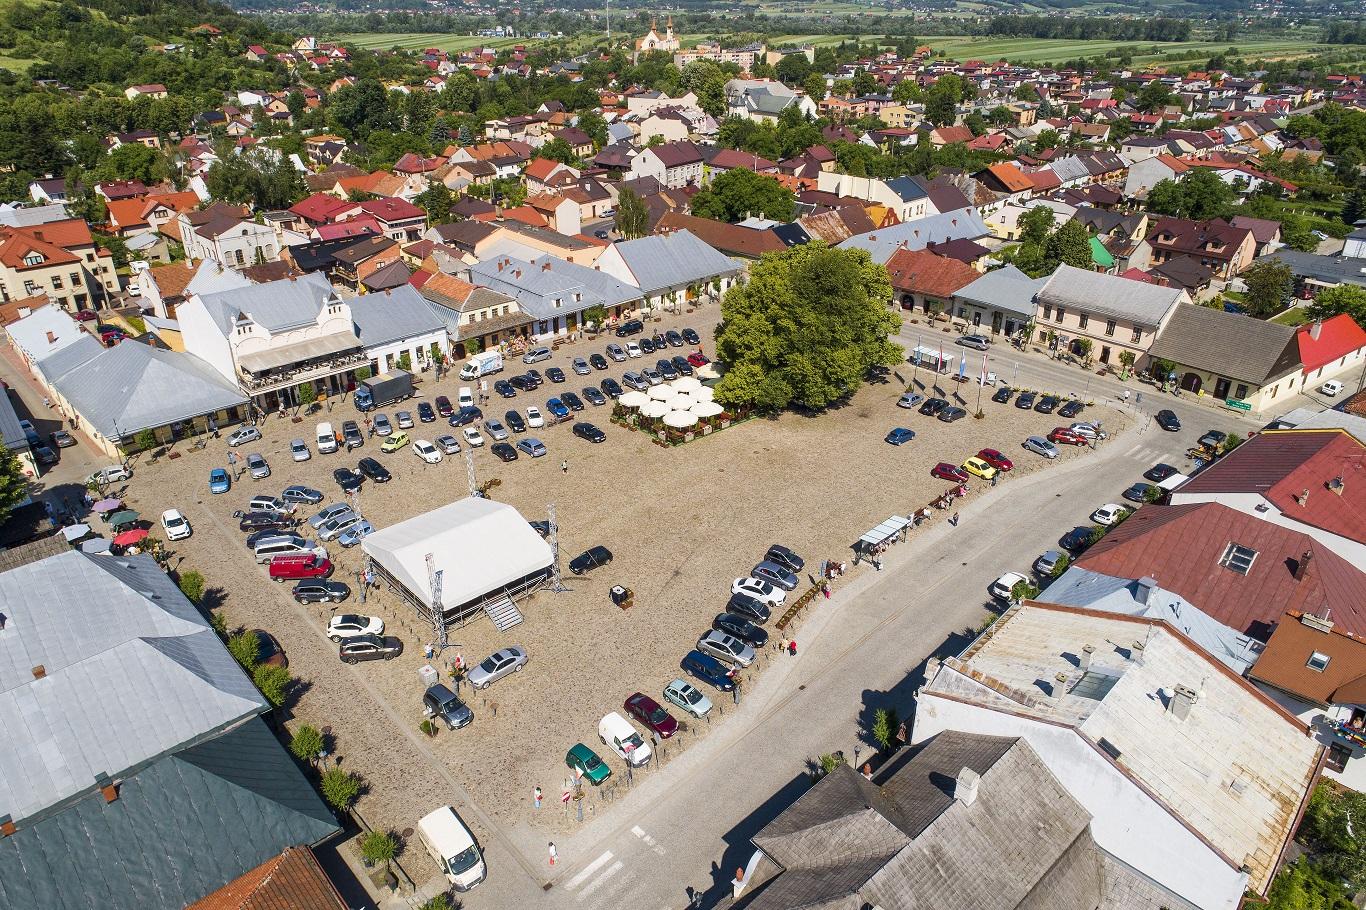 Stary Sacz, 29.05.2018 r. lotnicza panorama miasta, rynek miejski. EU, PL, Warm-Maz. Lotnicze.